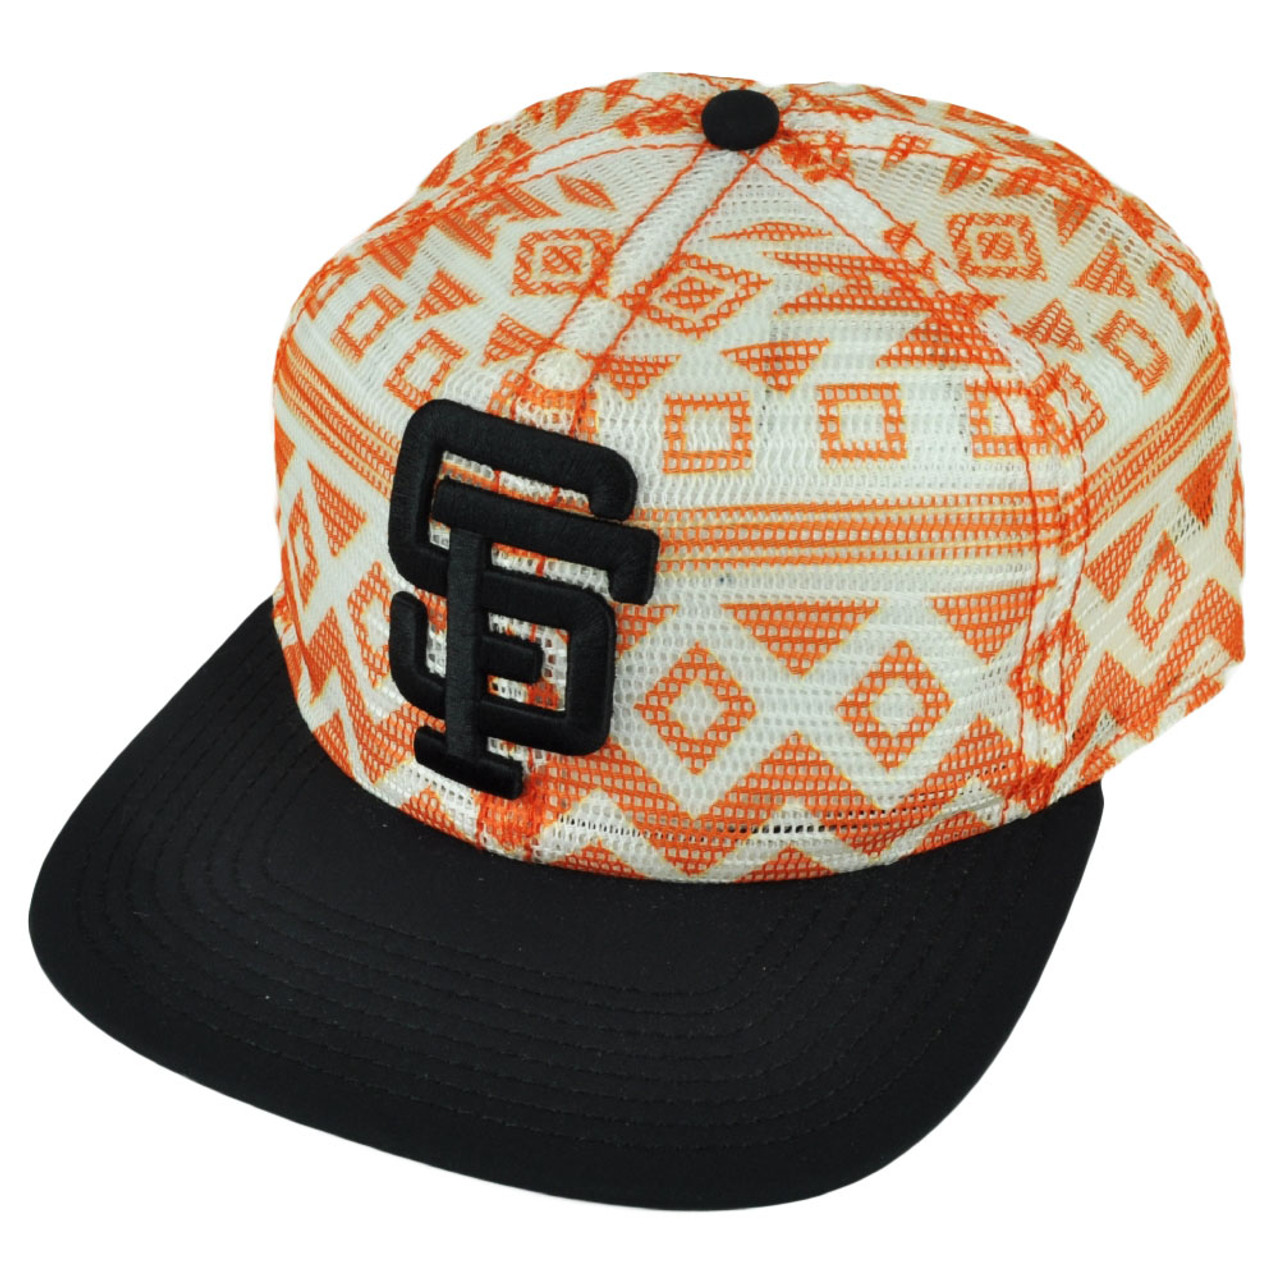 2d4b59680ae MLB American Needle San Francisco Giants Aztec Mesh Snapback Hat Cap Flat  Bill - Cap Store Online.com